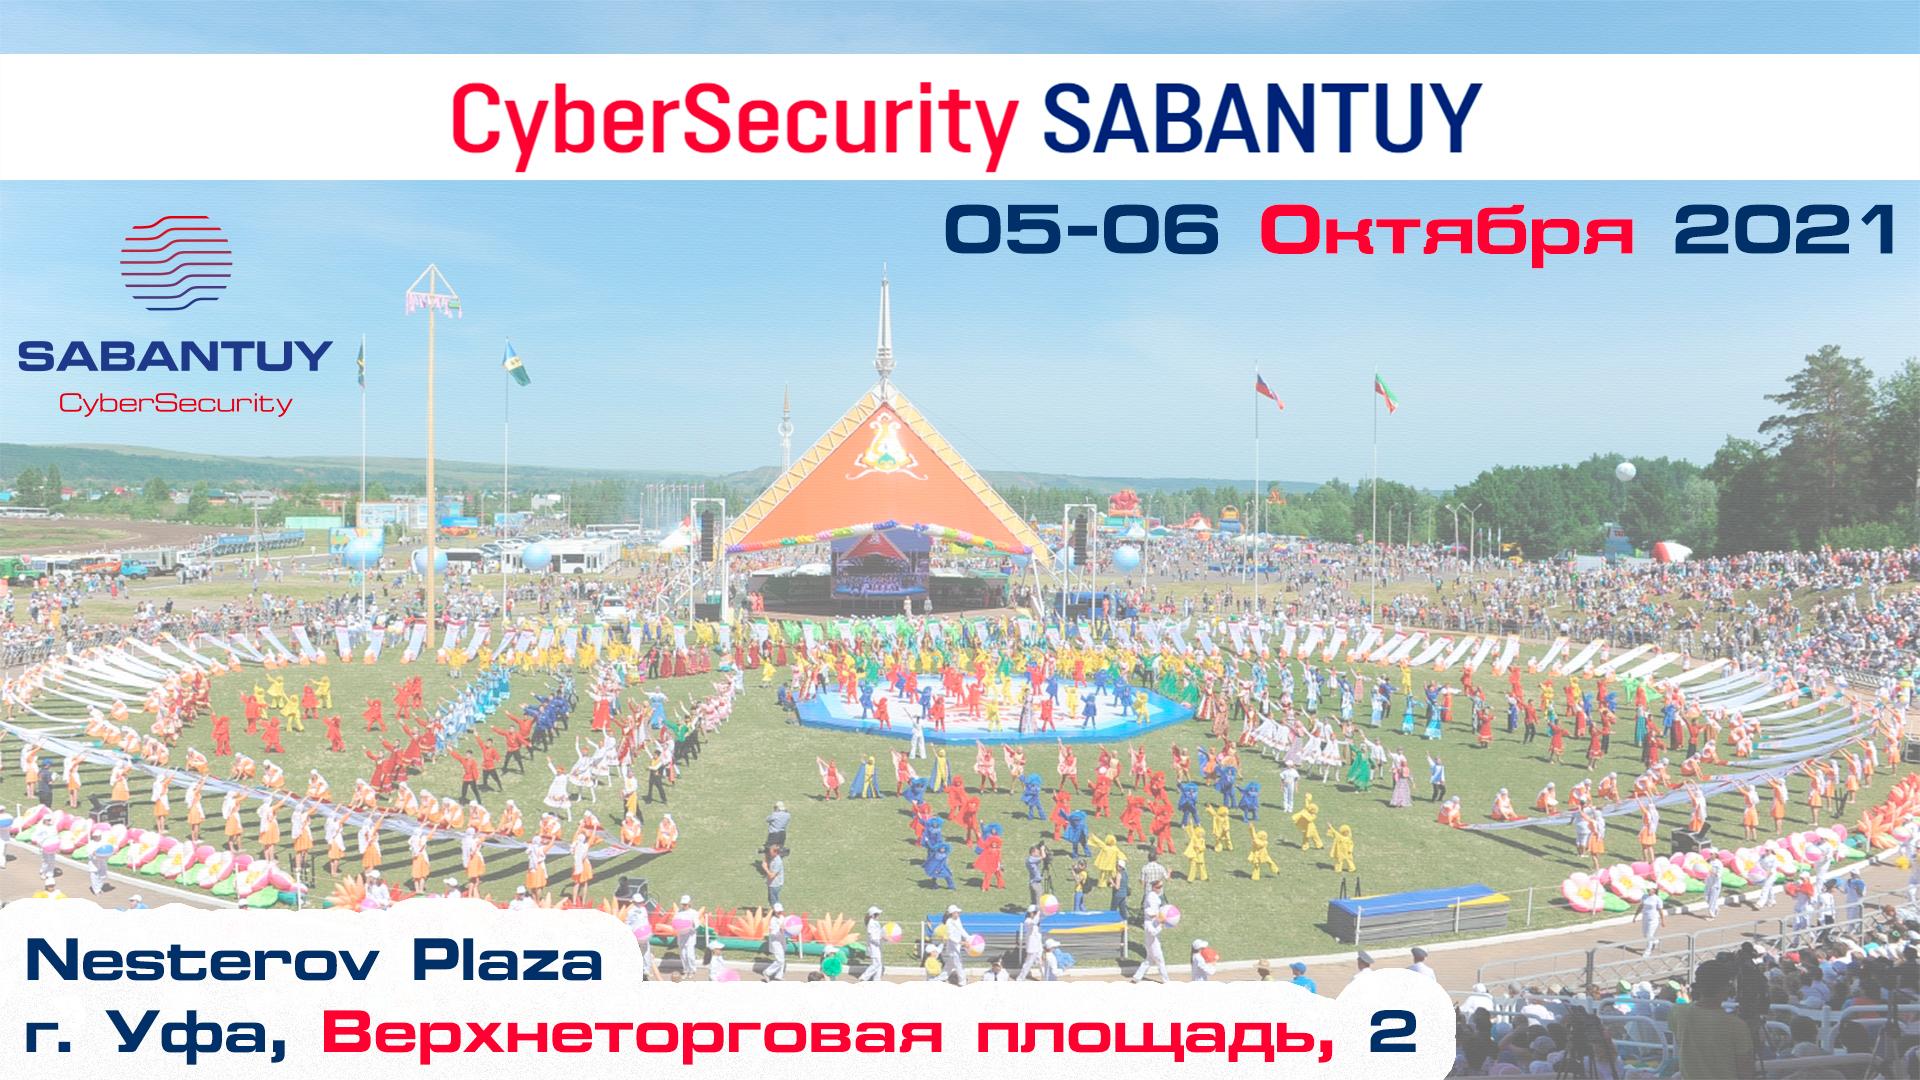 """5-6 октября 2021 года в г.Уфе состоится международный форум """"CyberSecurity Сабантуй"""""""